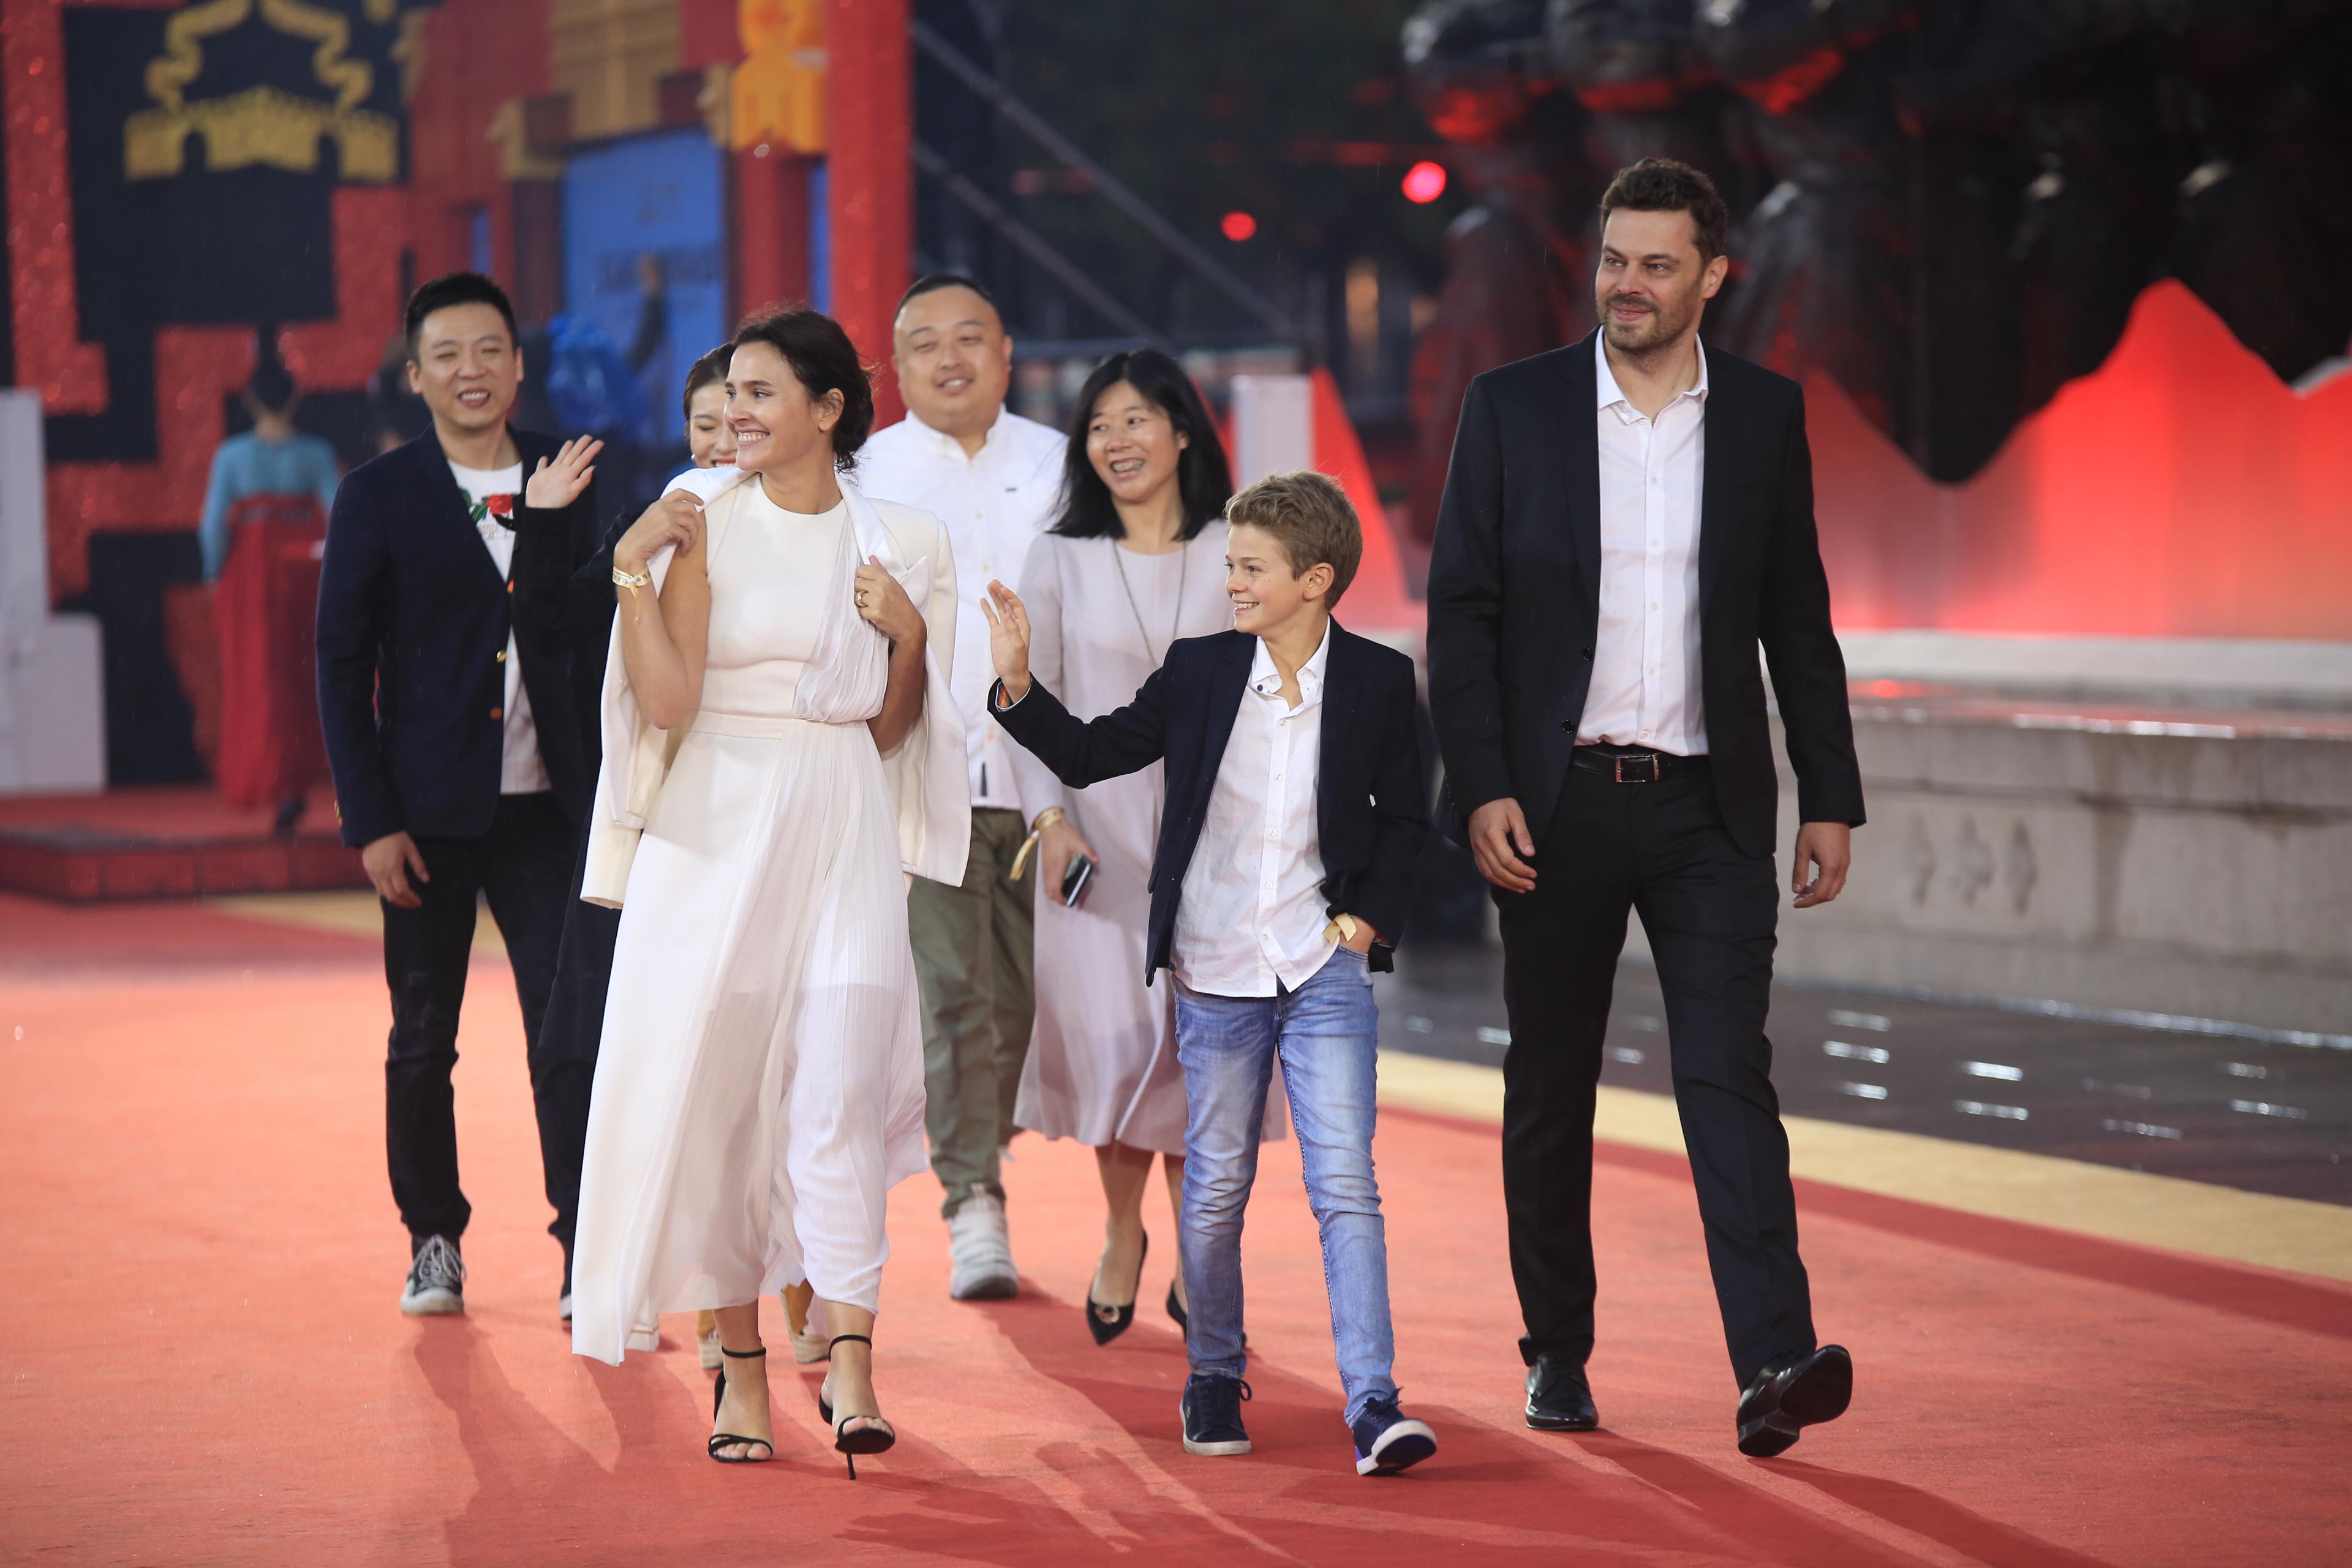 电影《苦儿流浪记》主创出席第五届丝绸之路国际电影节闭幕式红毯